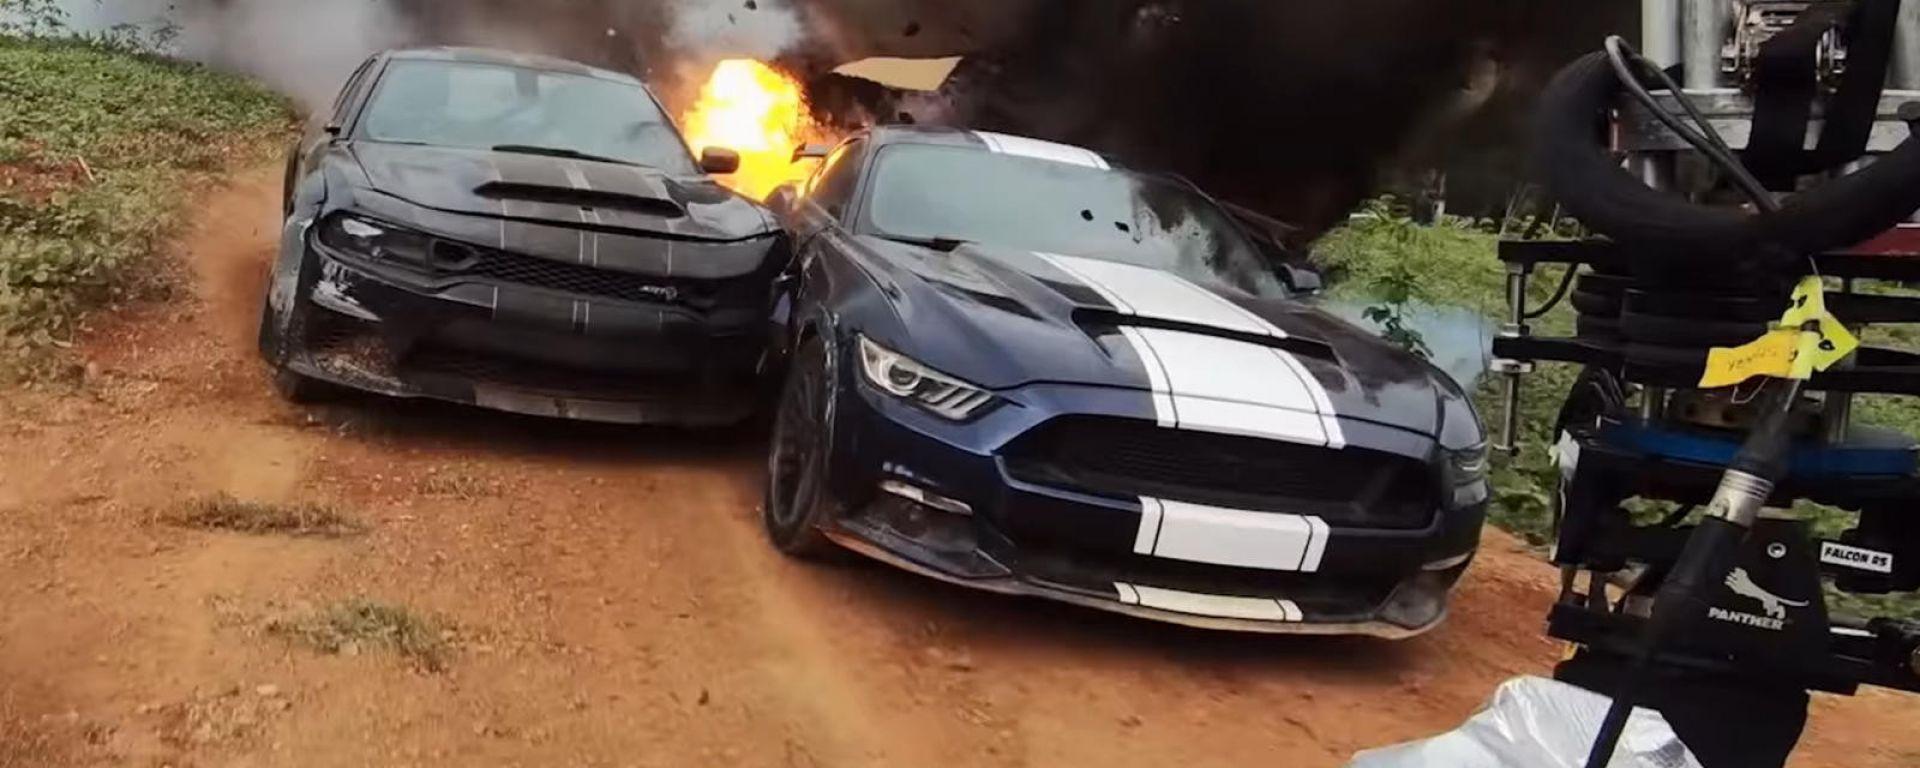 Fast & Furious 9 - The Fast Saga: un momento delle riprese